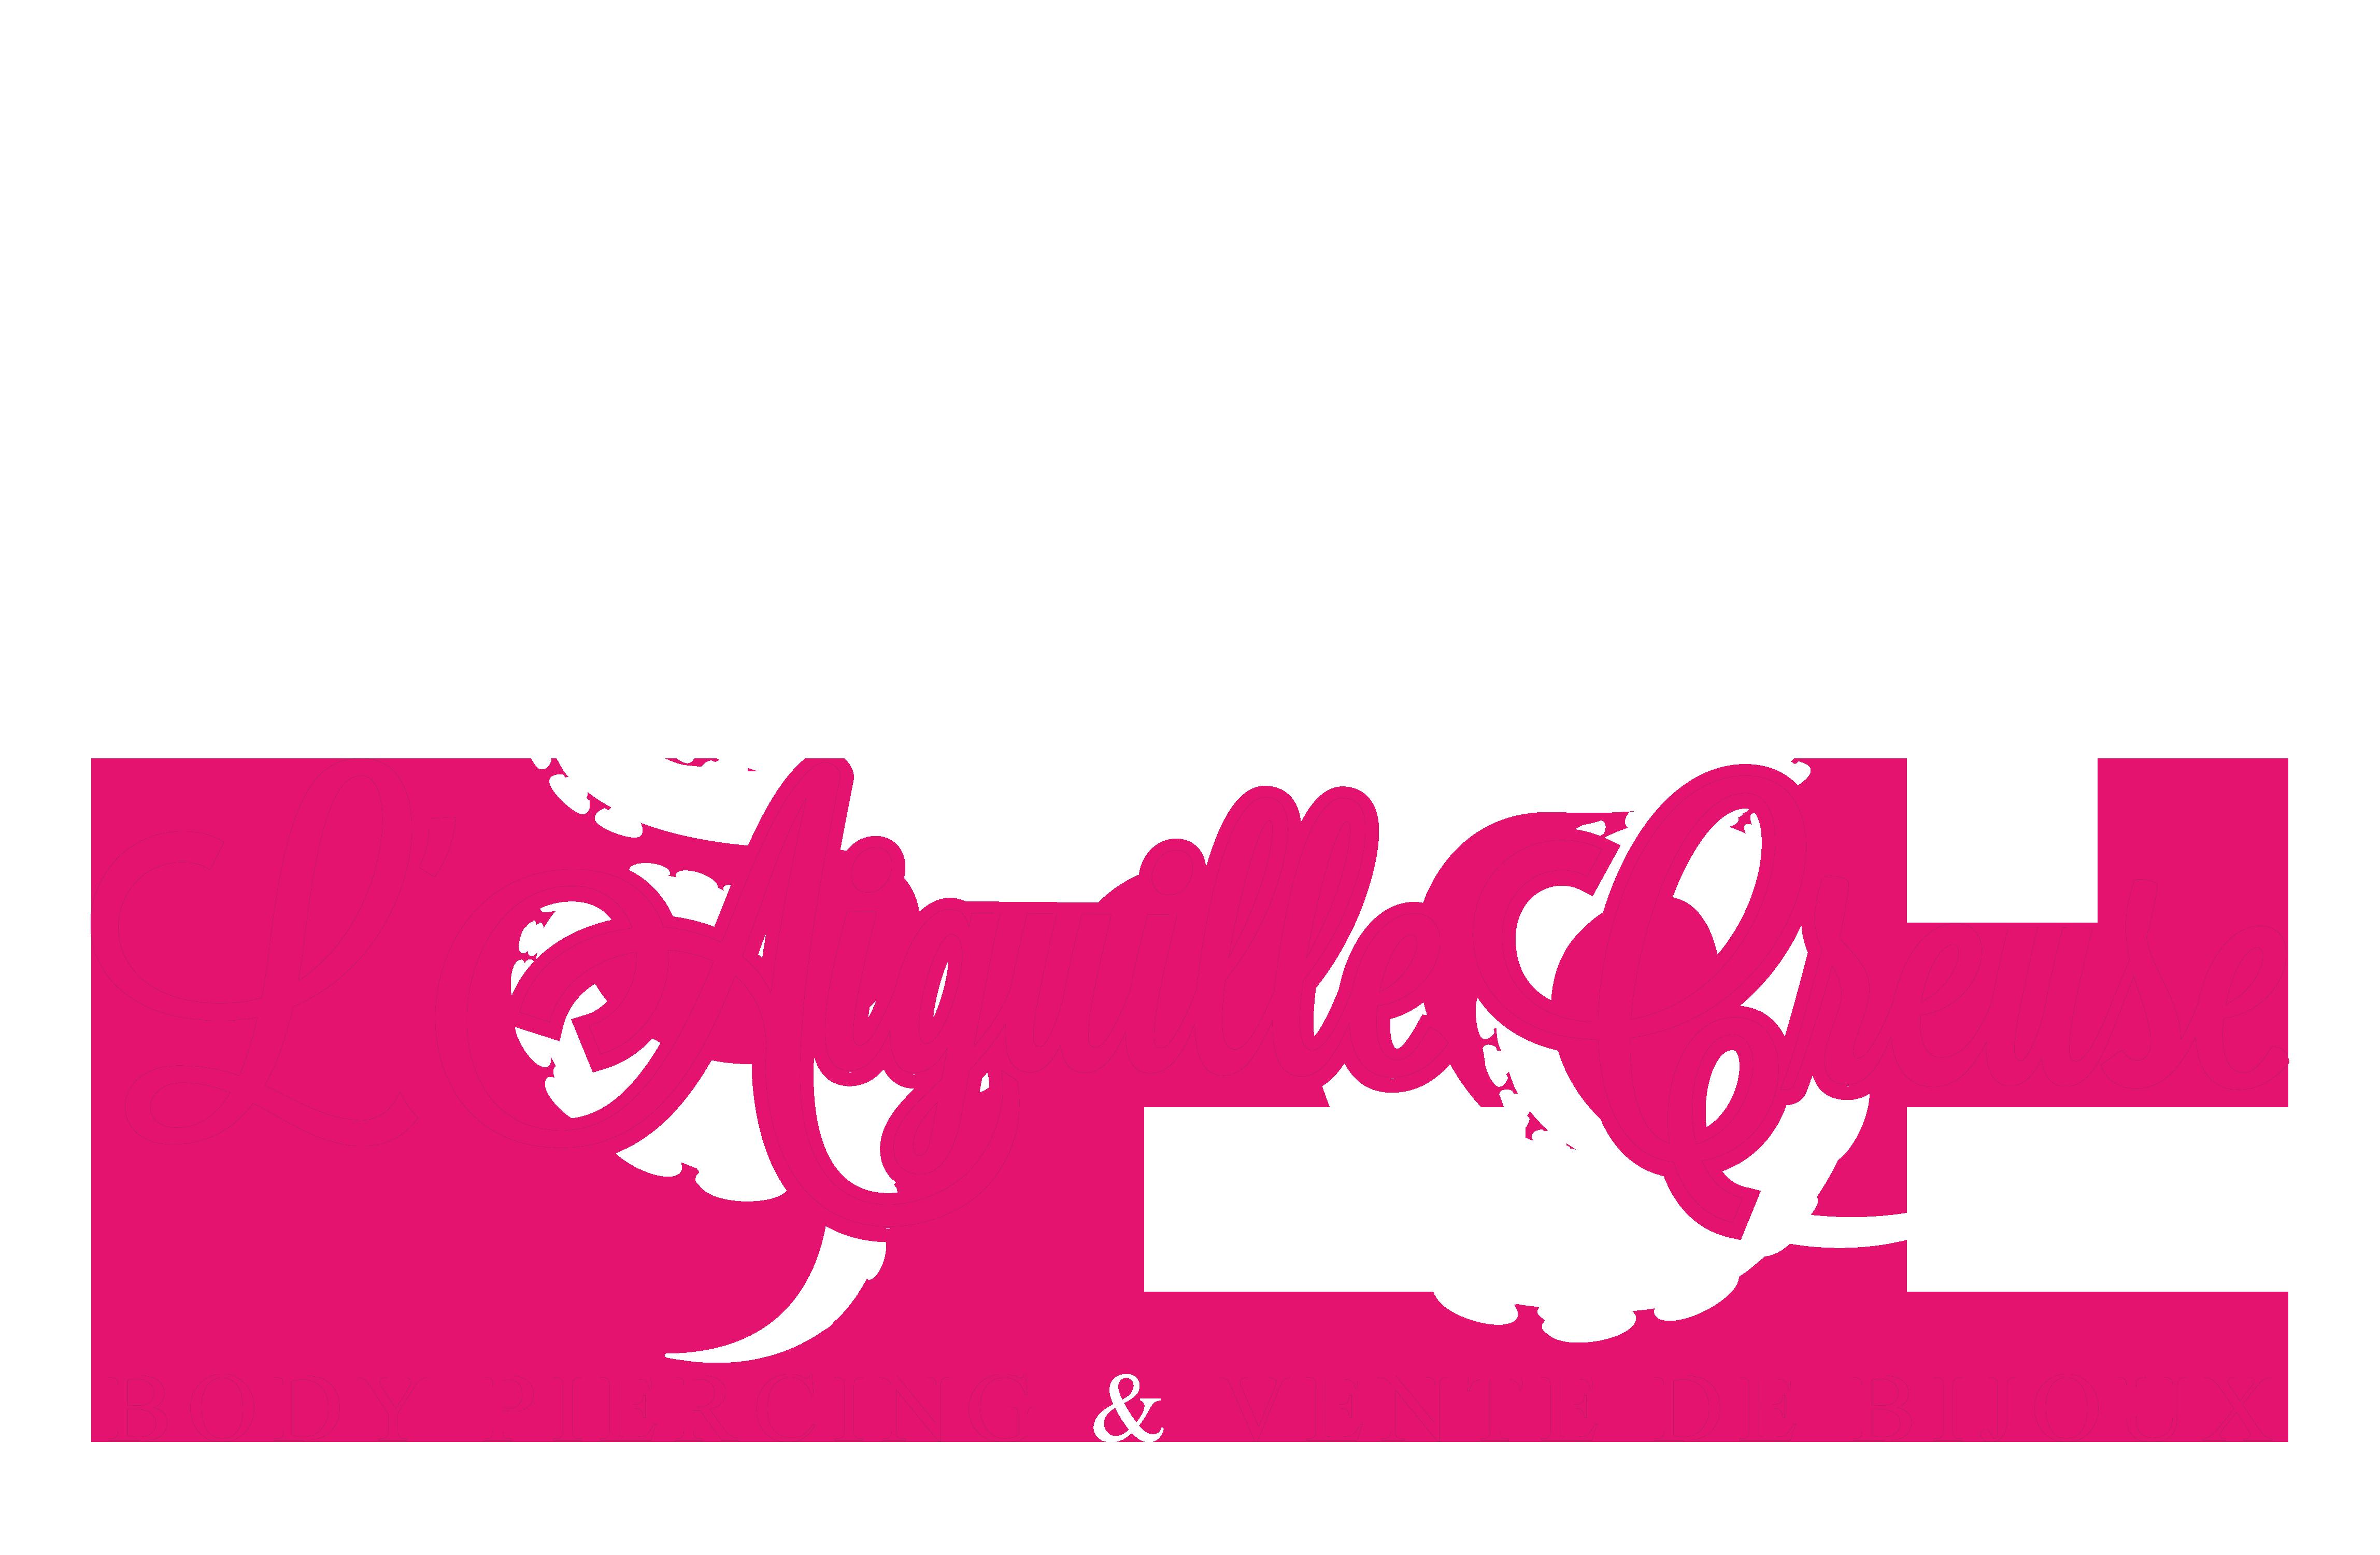 L'Aiguille Creuse - Body Piercing